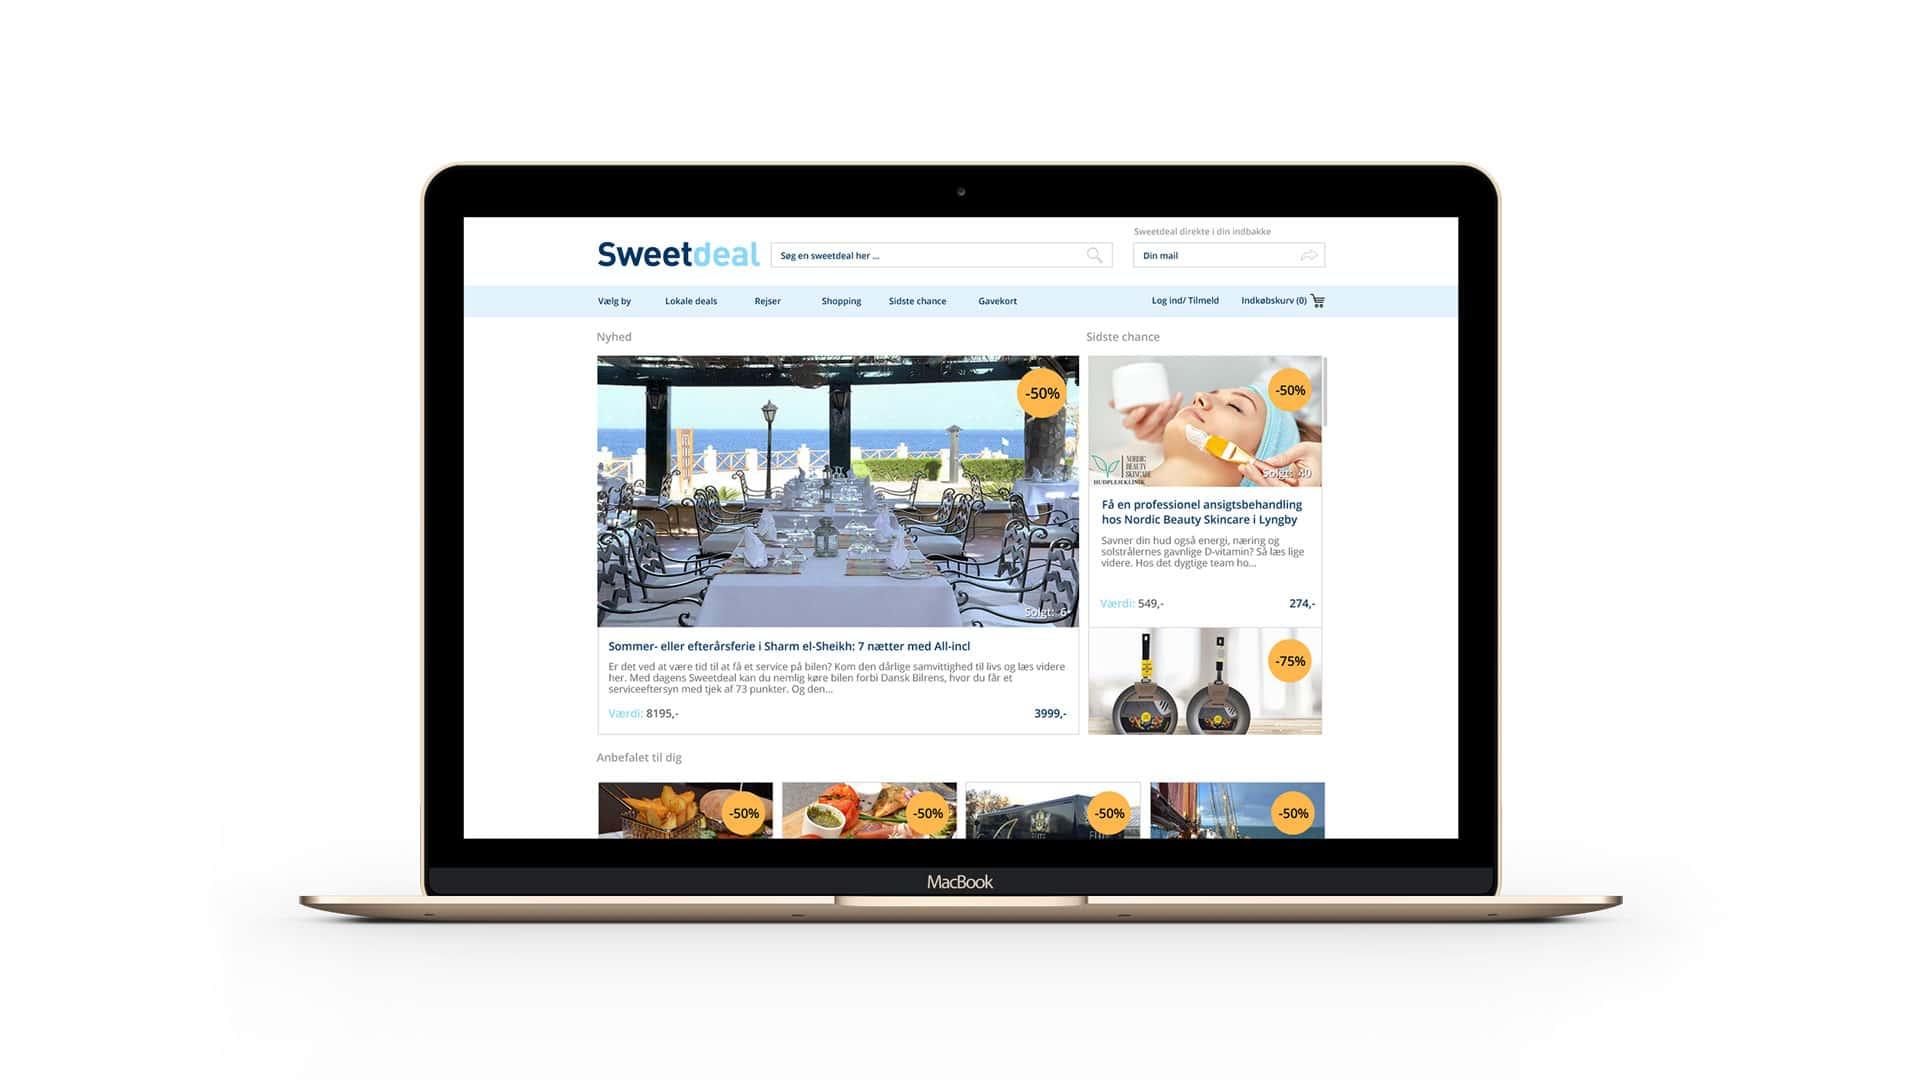 Sweetdeal-MacBook-Gold